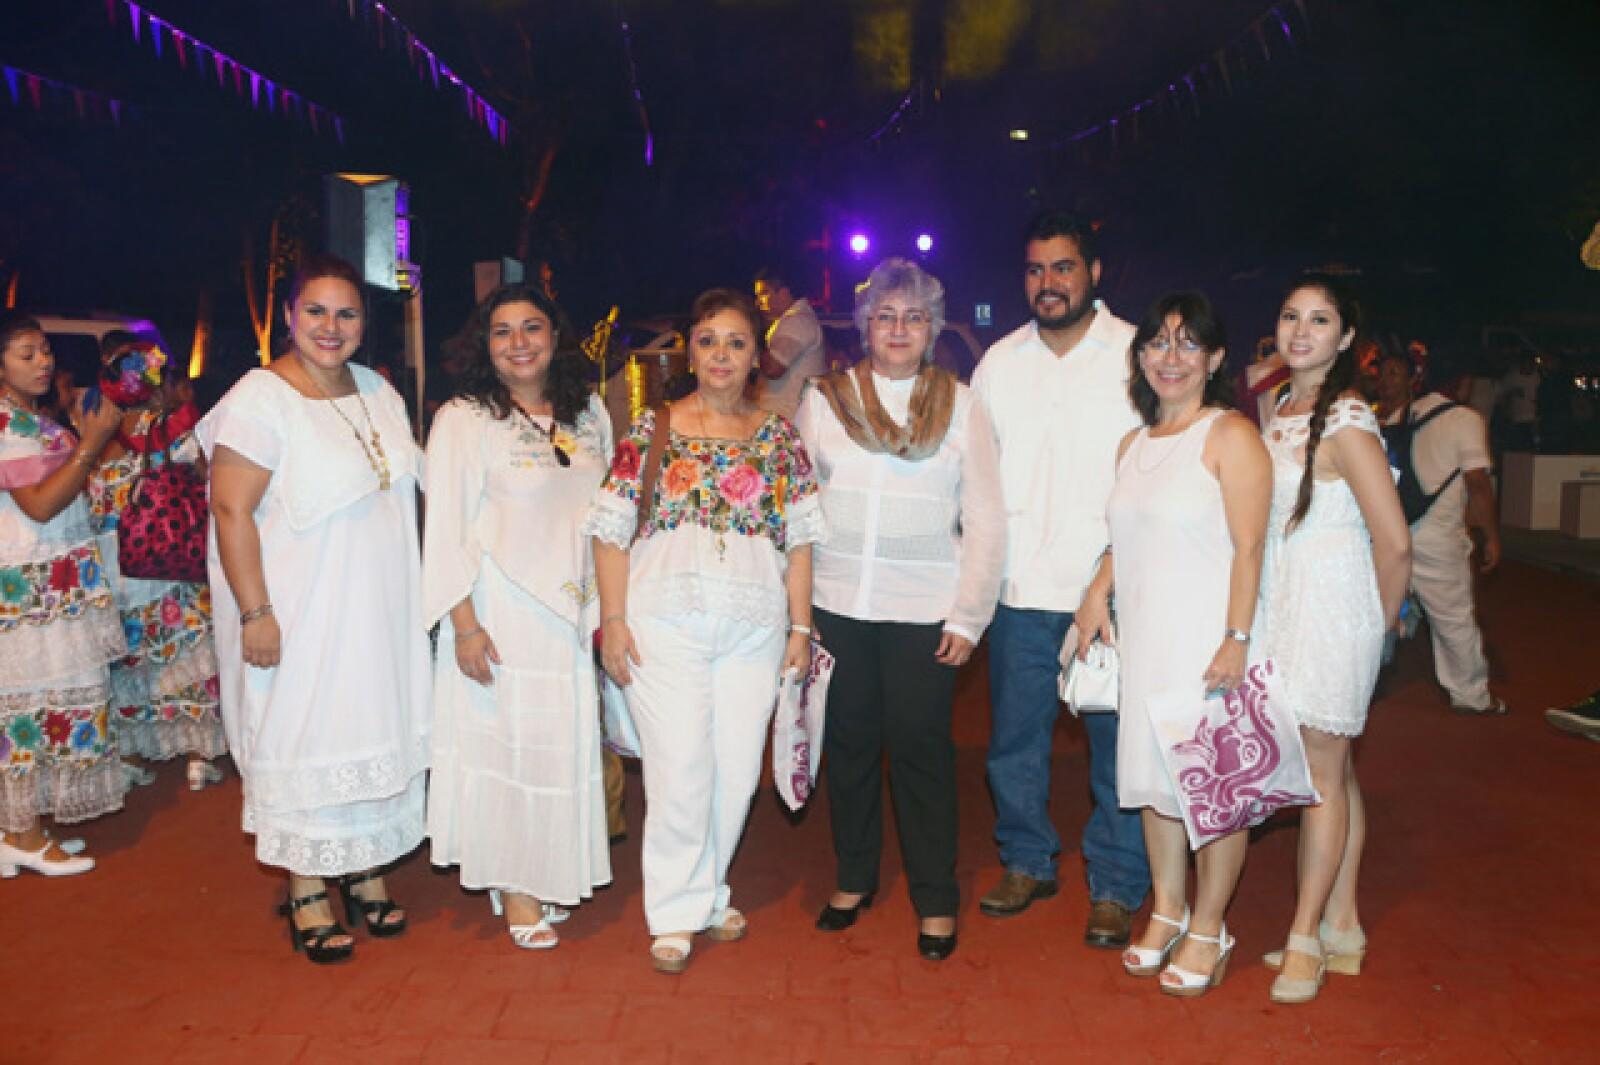 Dony Romero, Verónica García, Gladys Cervantes, Beatriz Rodríguez, Cristobal León, Rita Castro y Paola Peniche